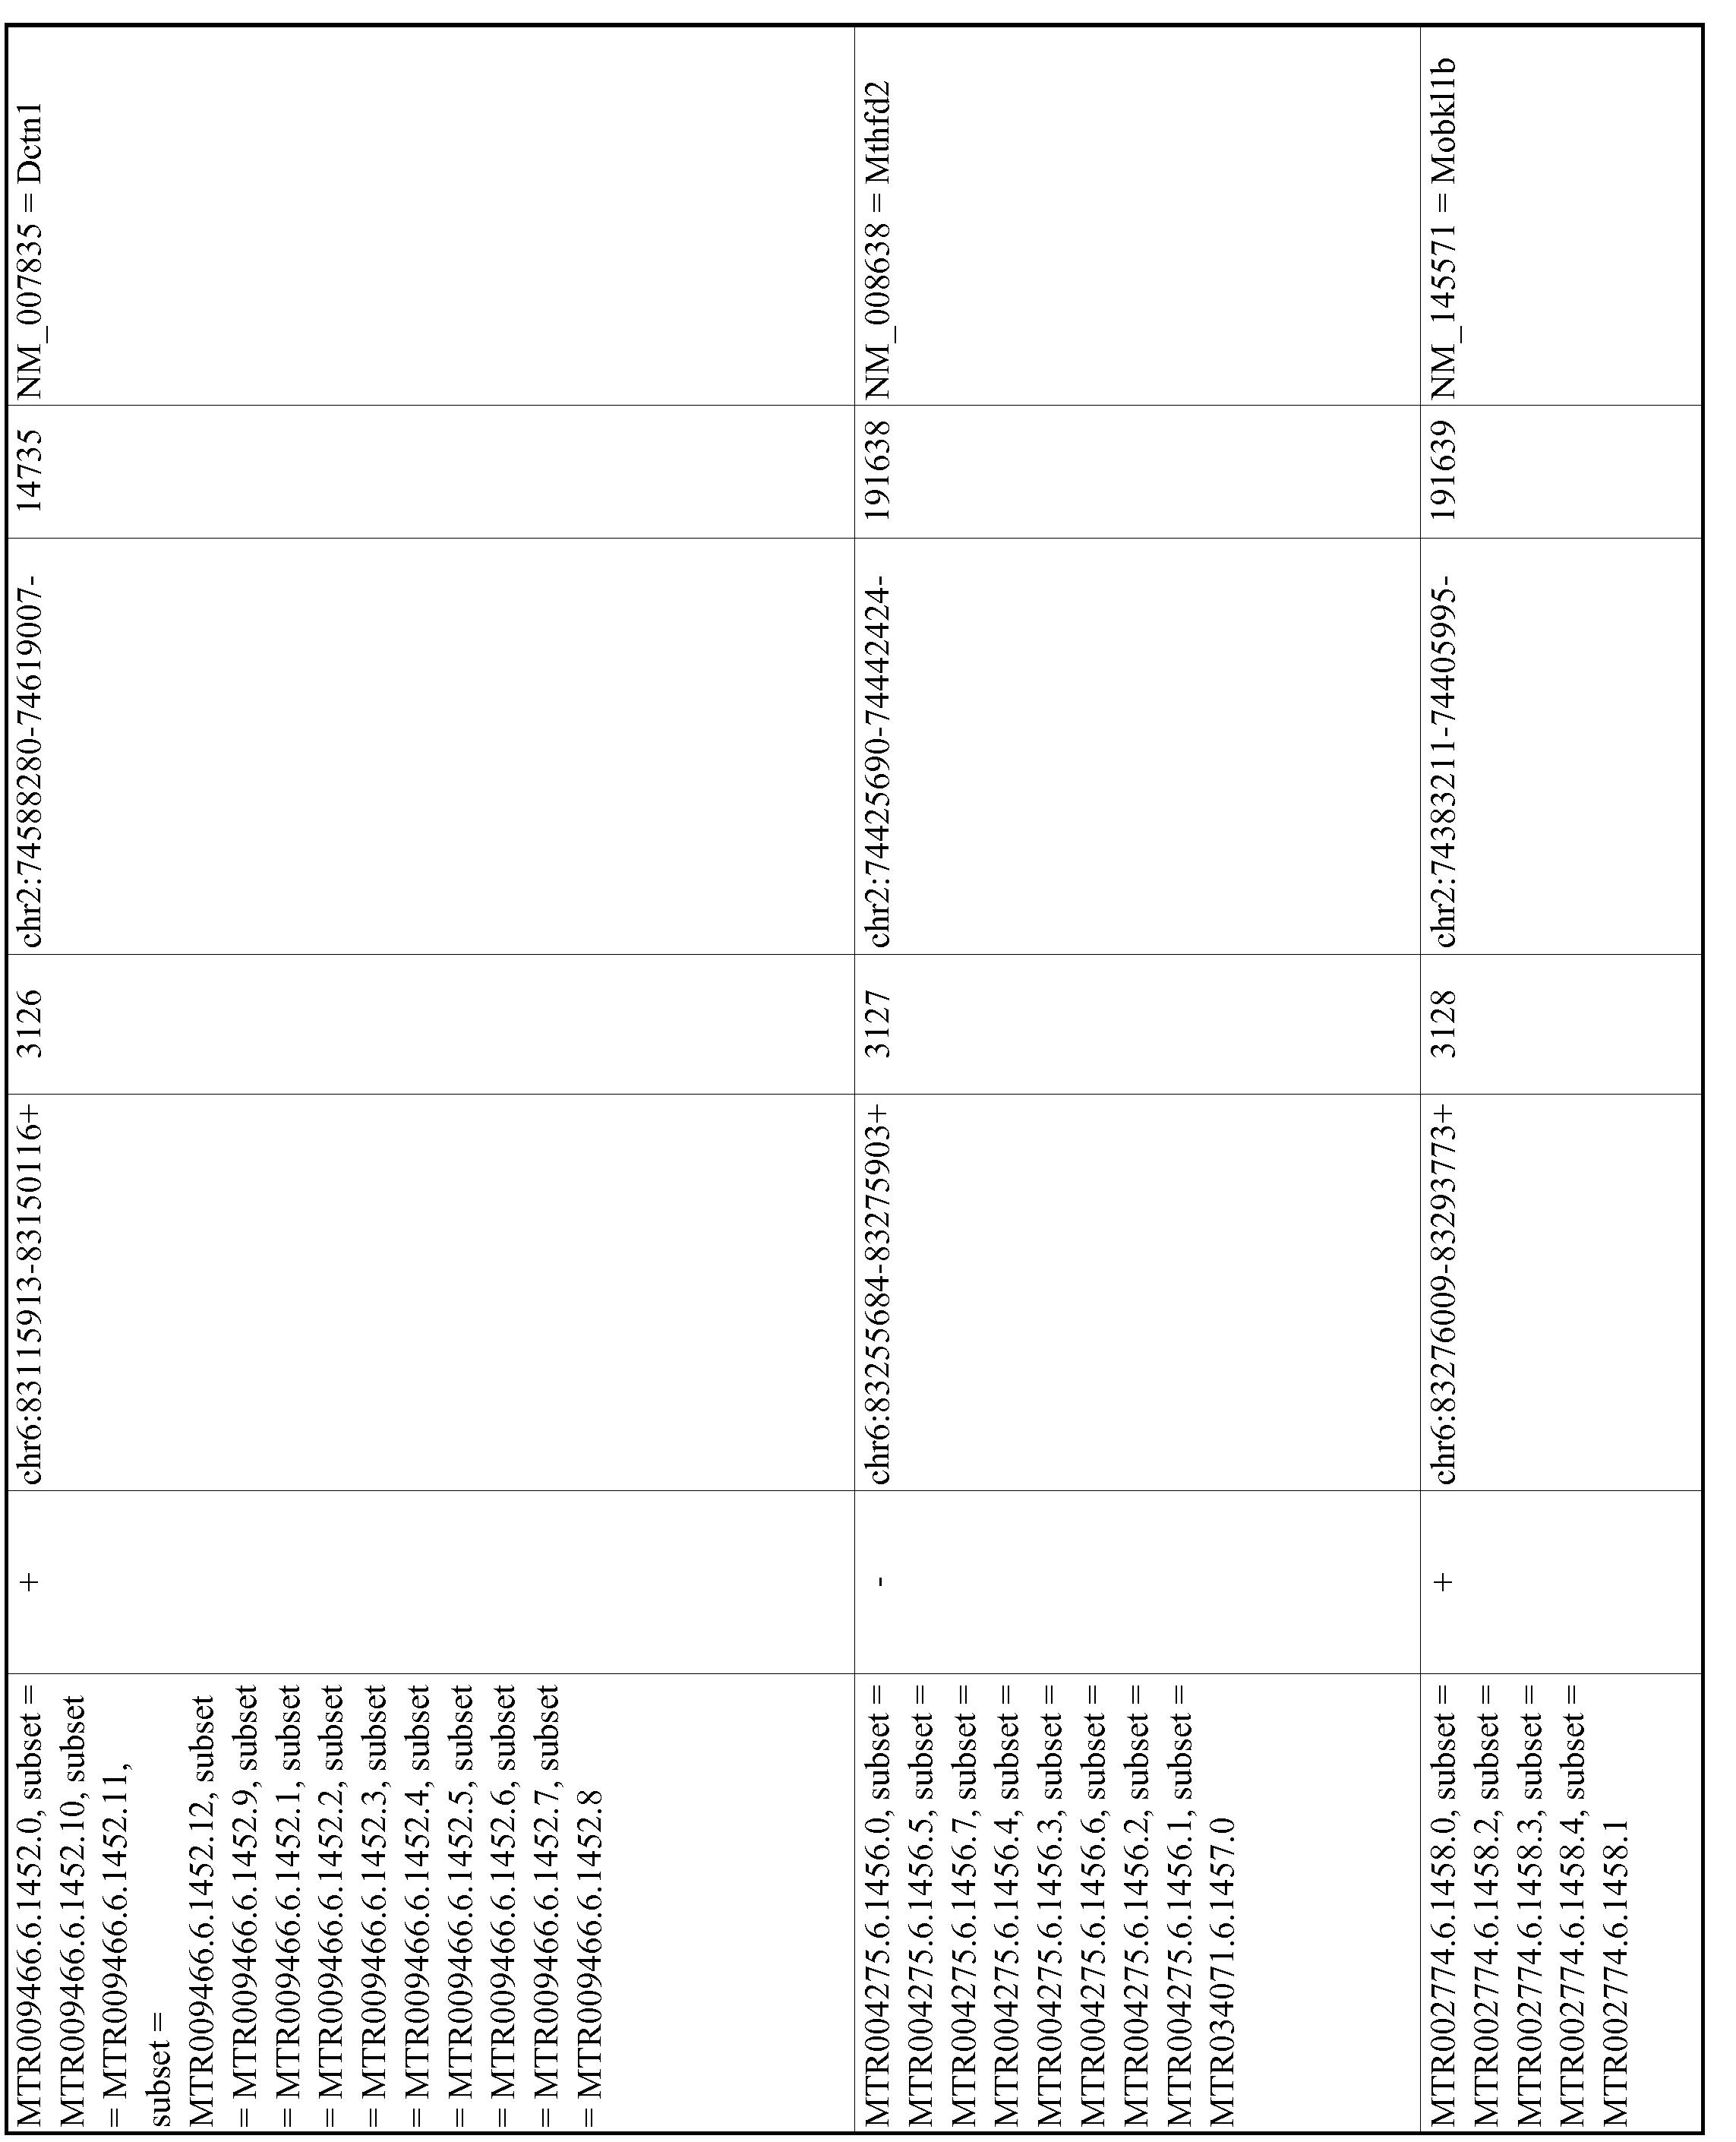 Figure imgf000622_0001